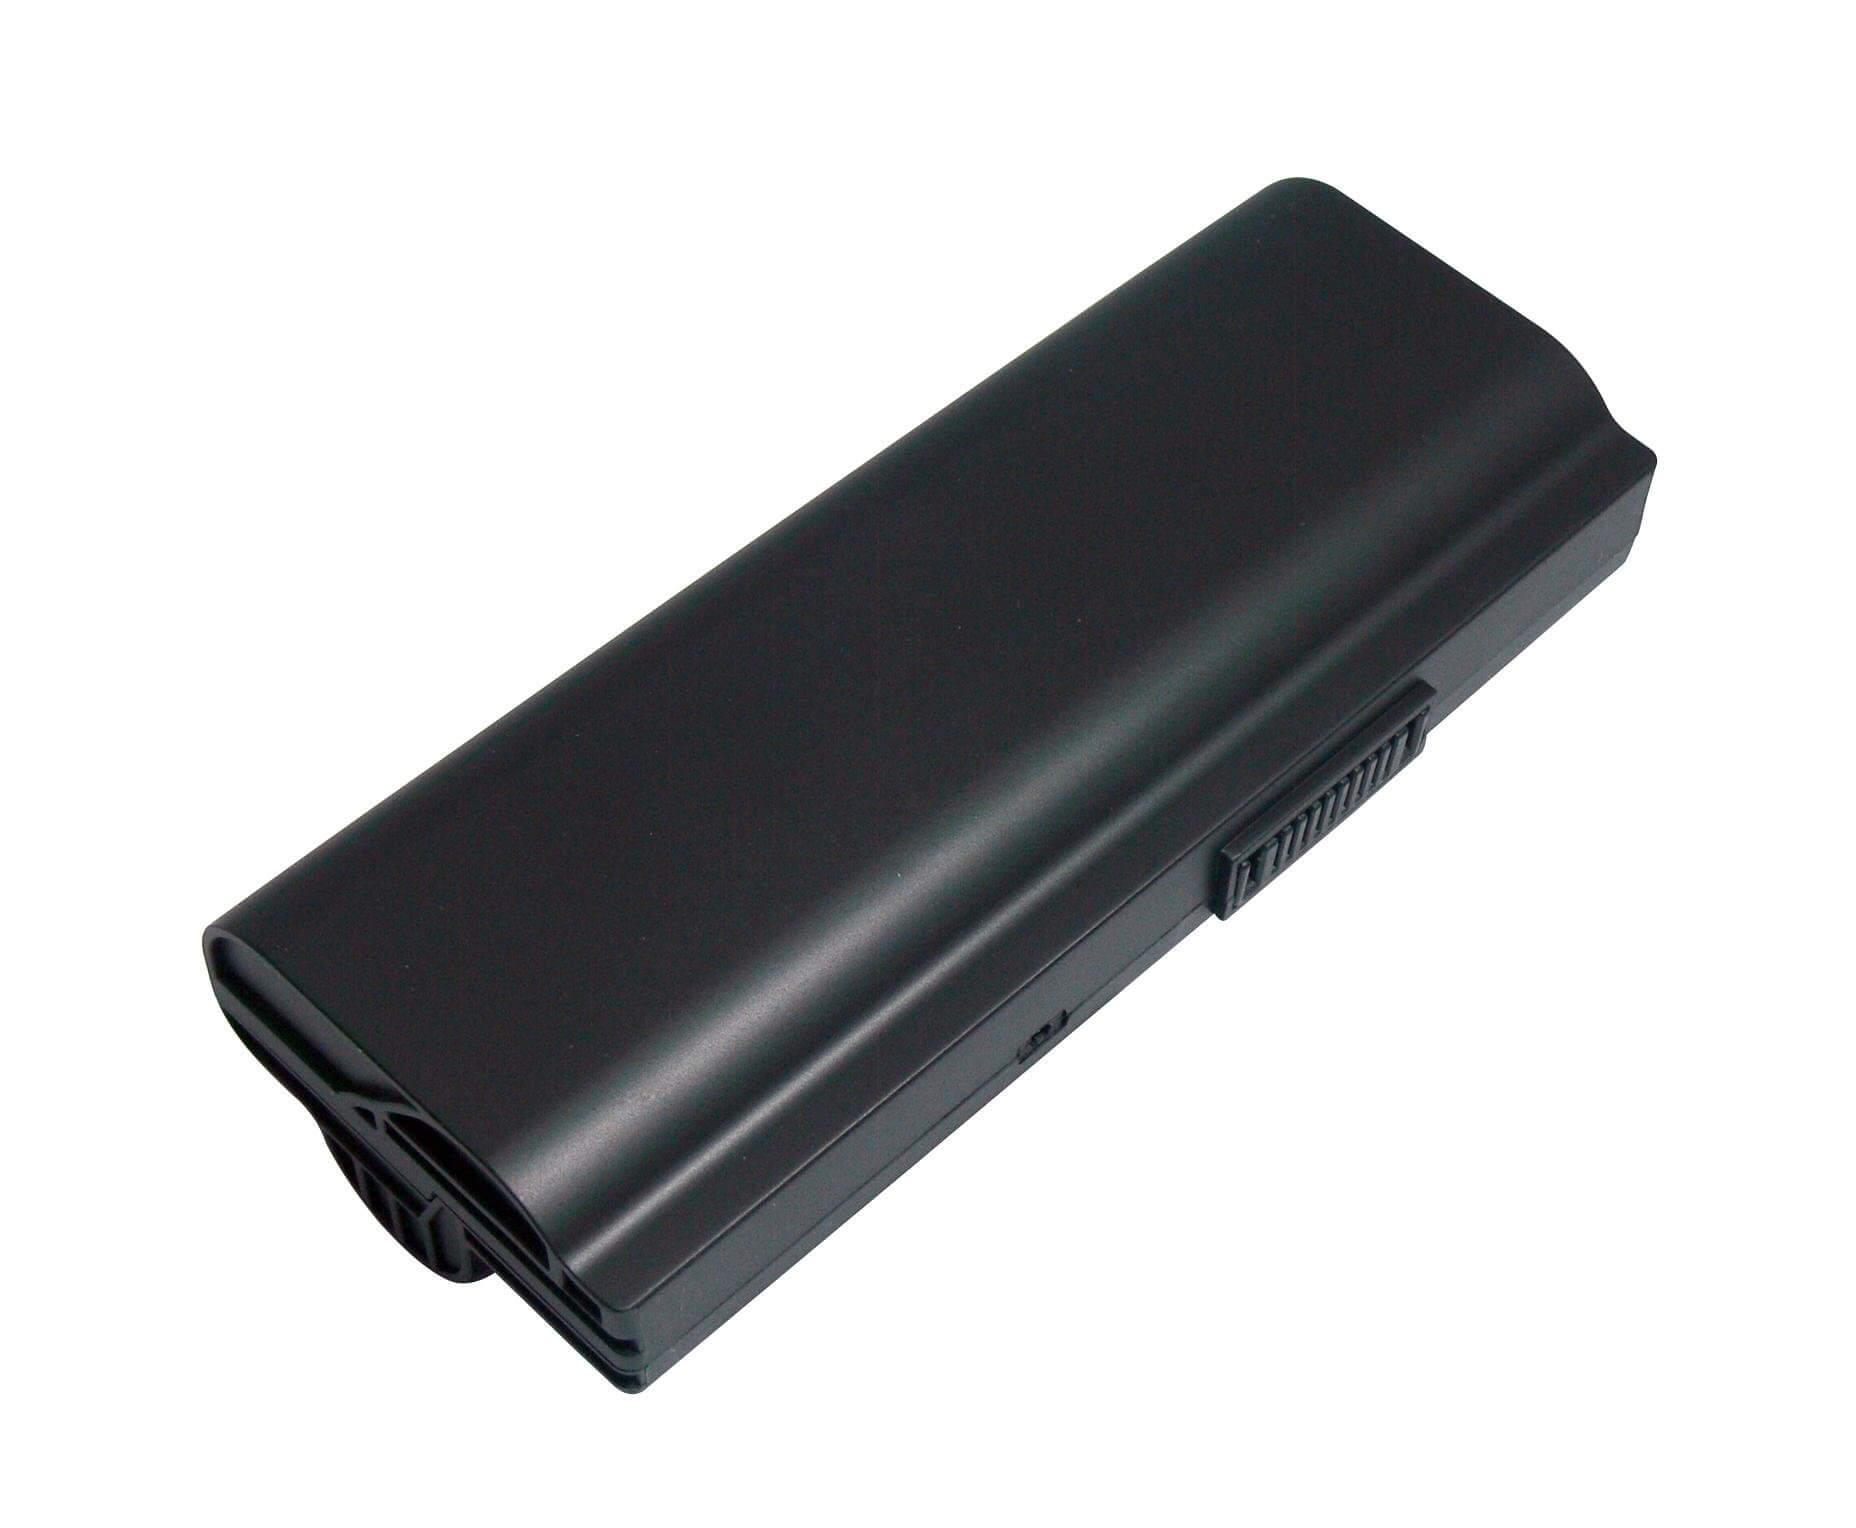 Asus Eee PC 4G, Eee PC 701 batteri A22-700